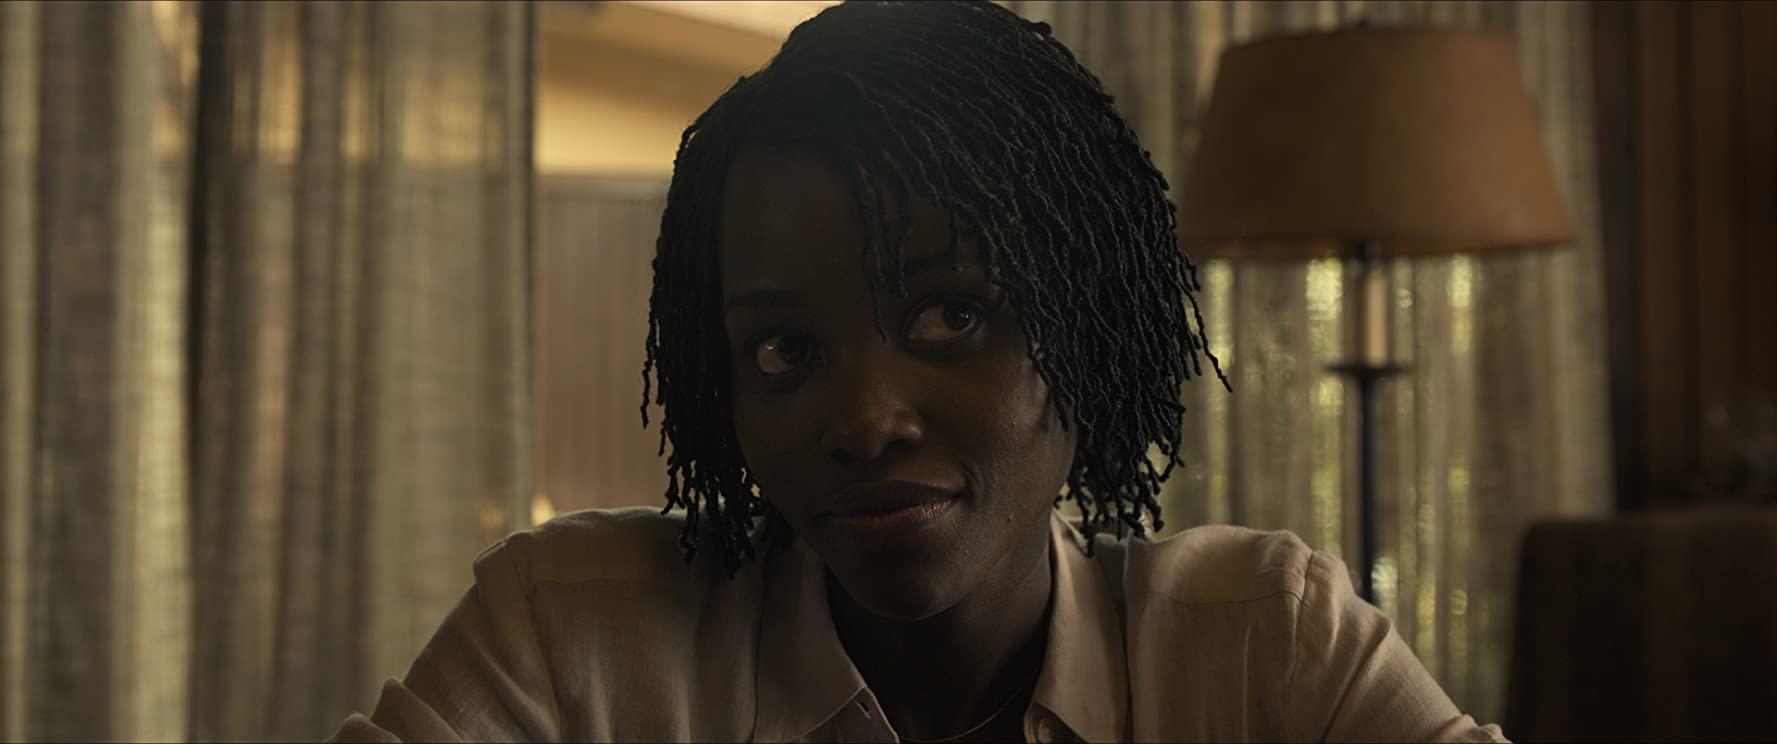 Lupita Nyong'oas Adelaide Wilson (née Thomas)